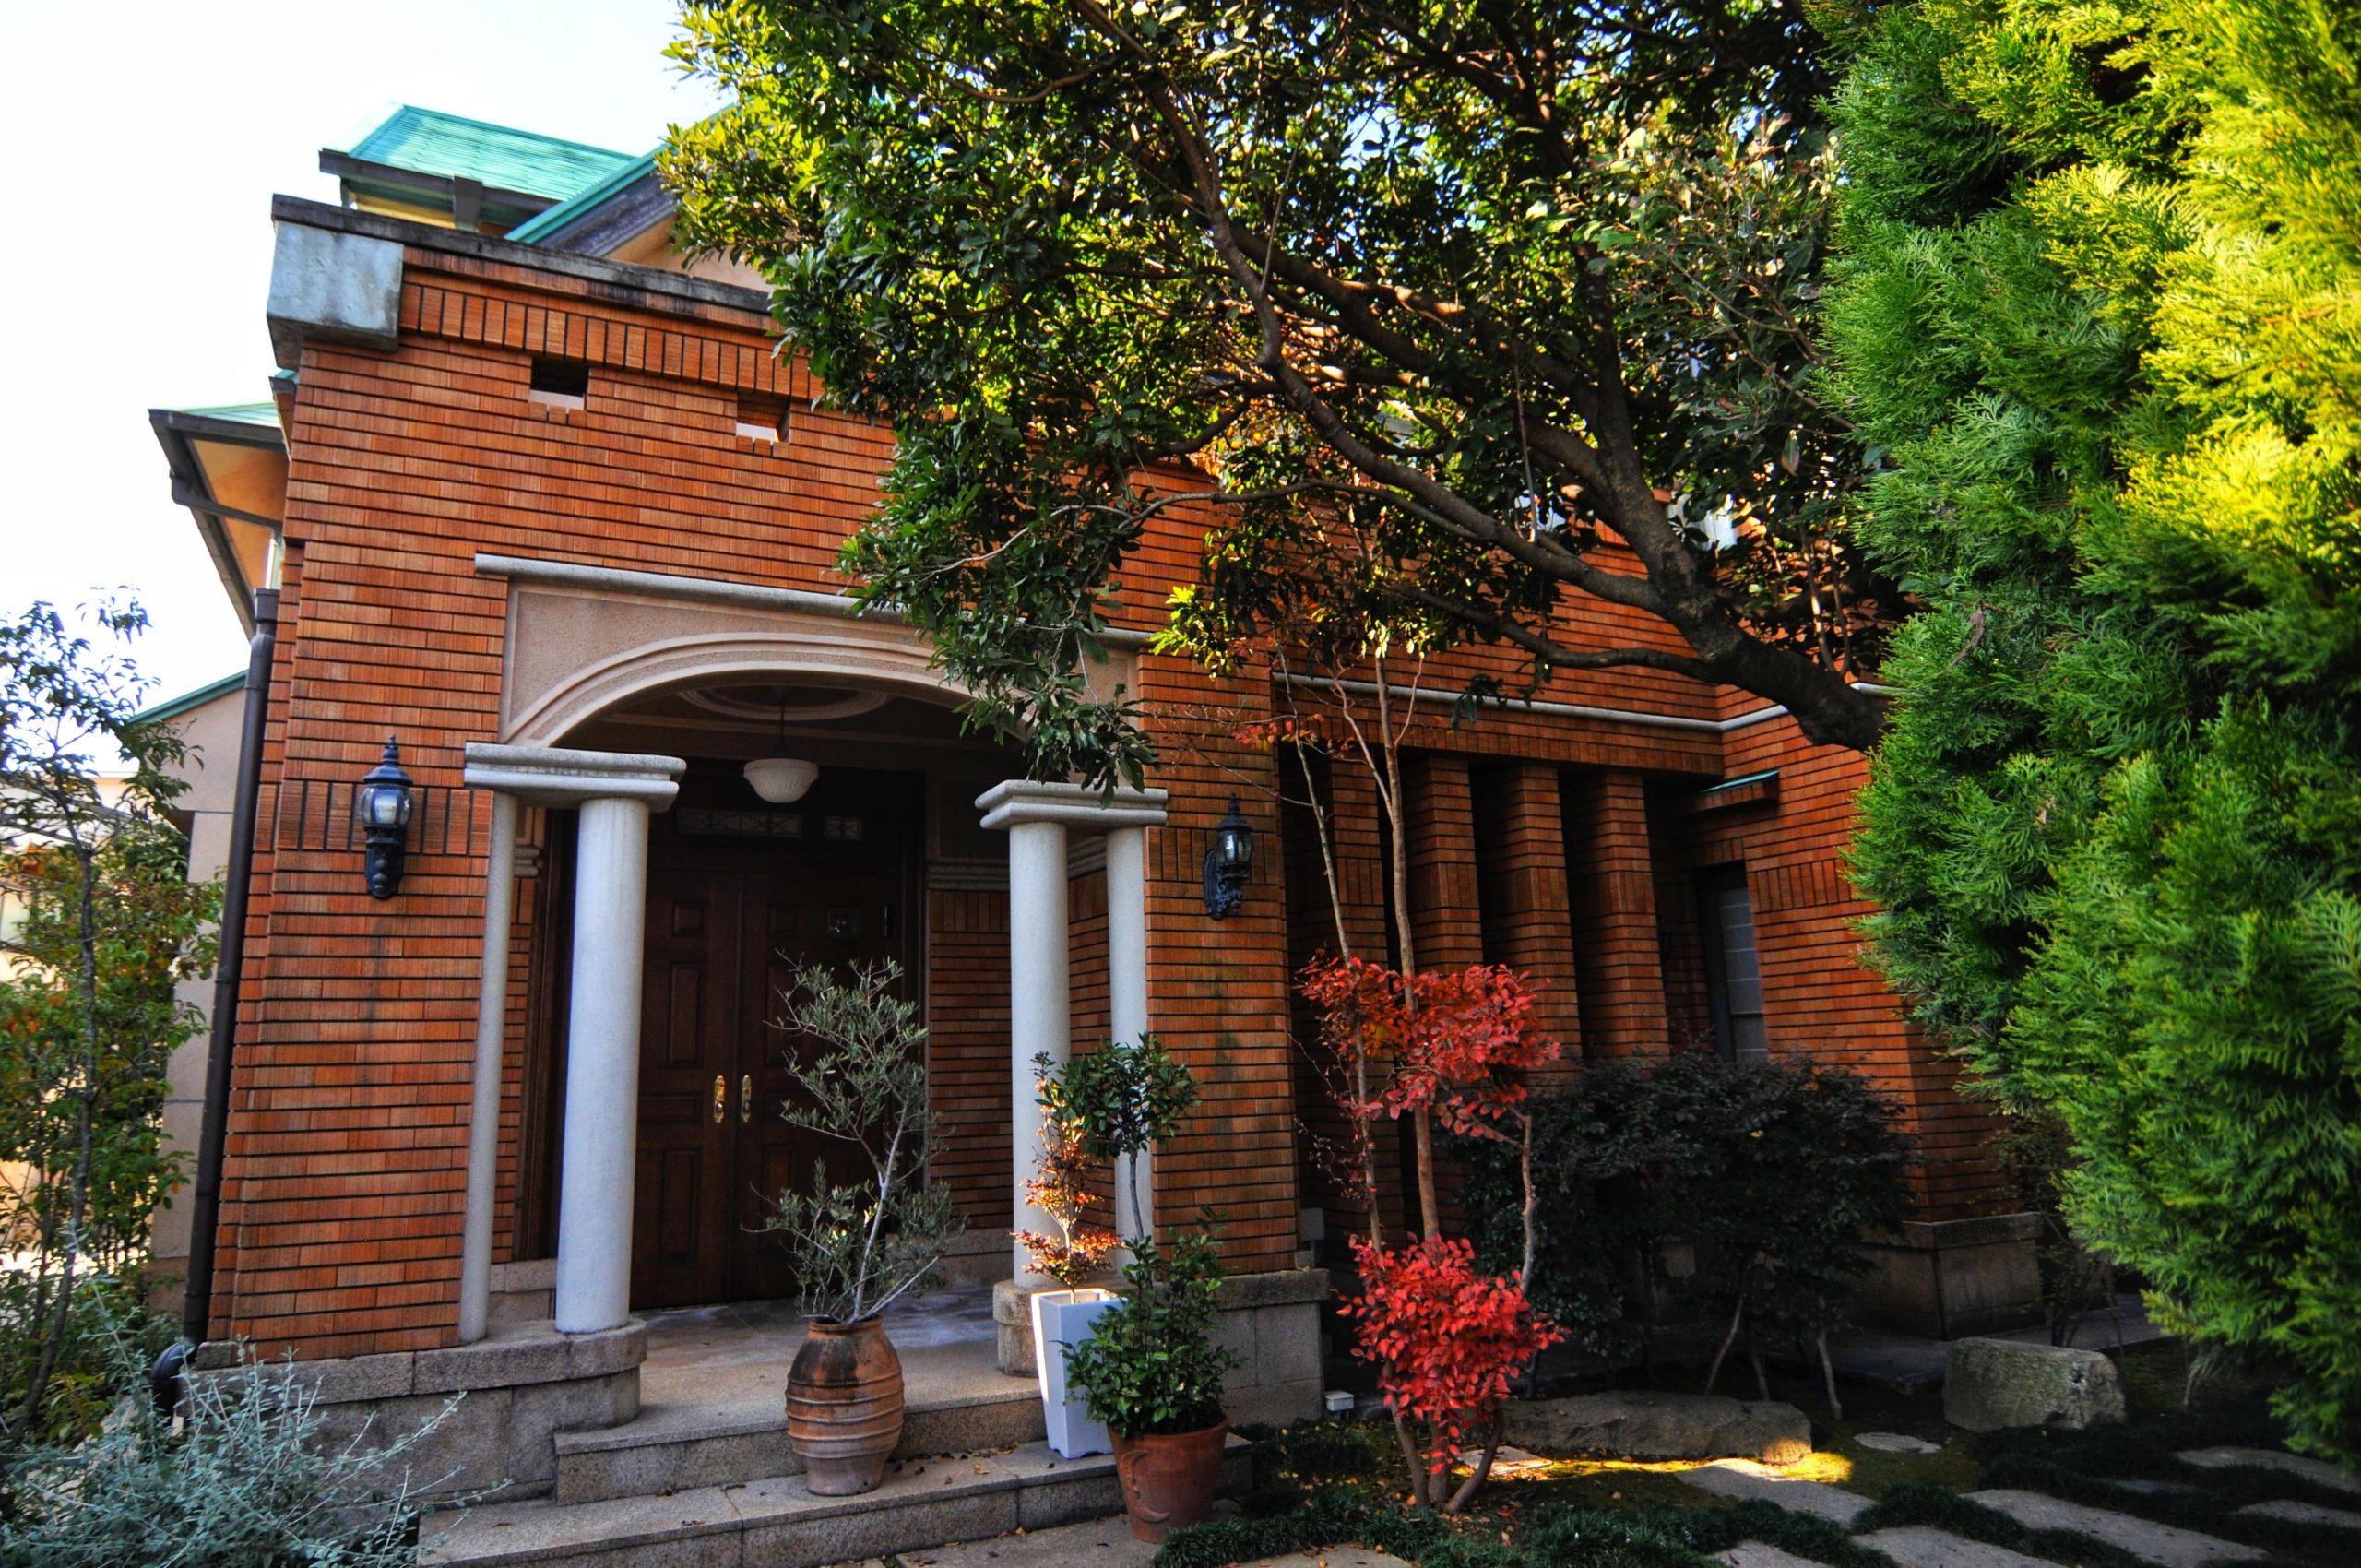 「創業40年の工務店」一級建築士事務所、愛知・小牧市「和田建設」が設計デザイン・建築した、愛知県小牧市の注文住宅です。